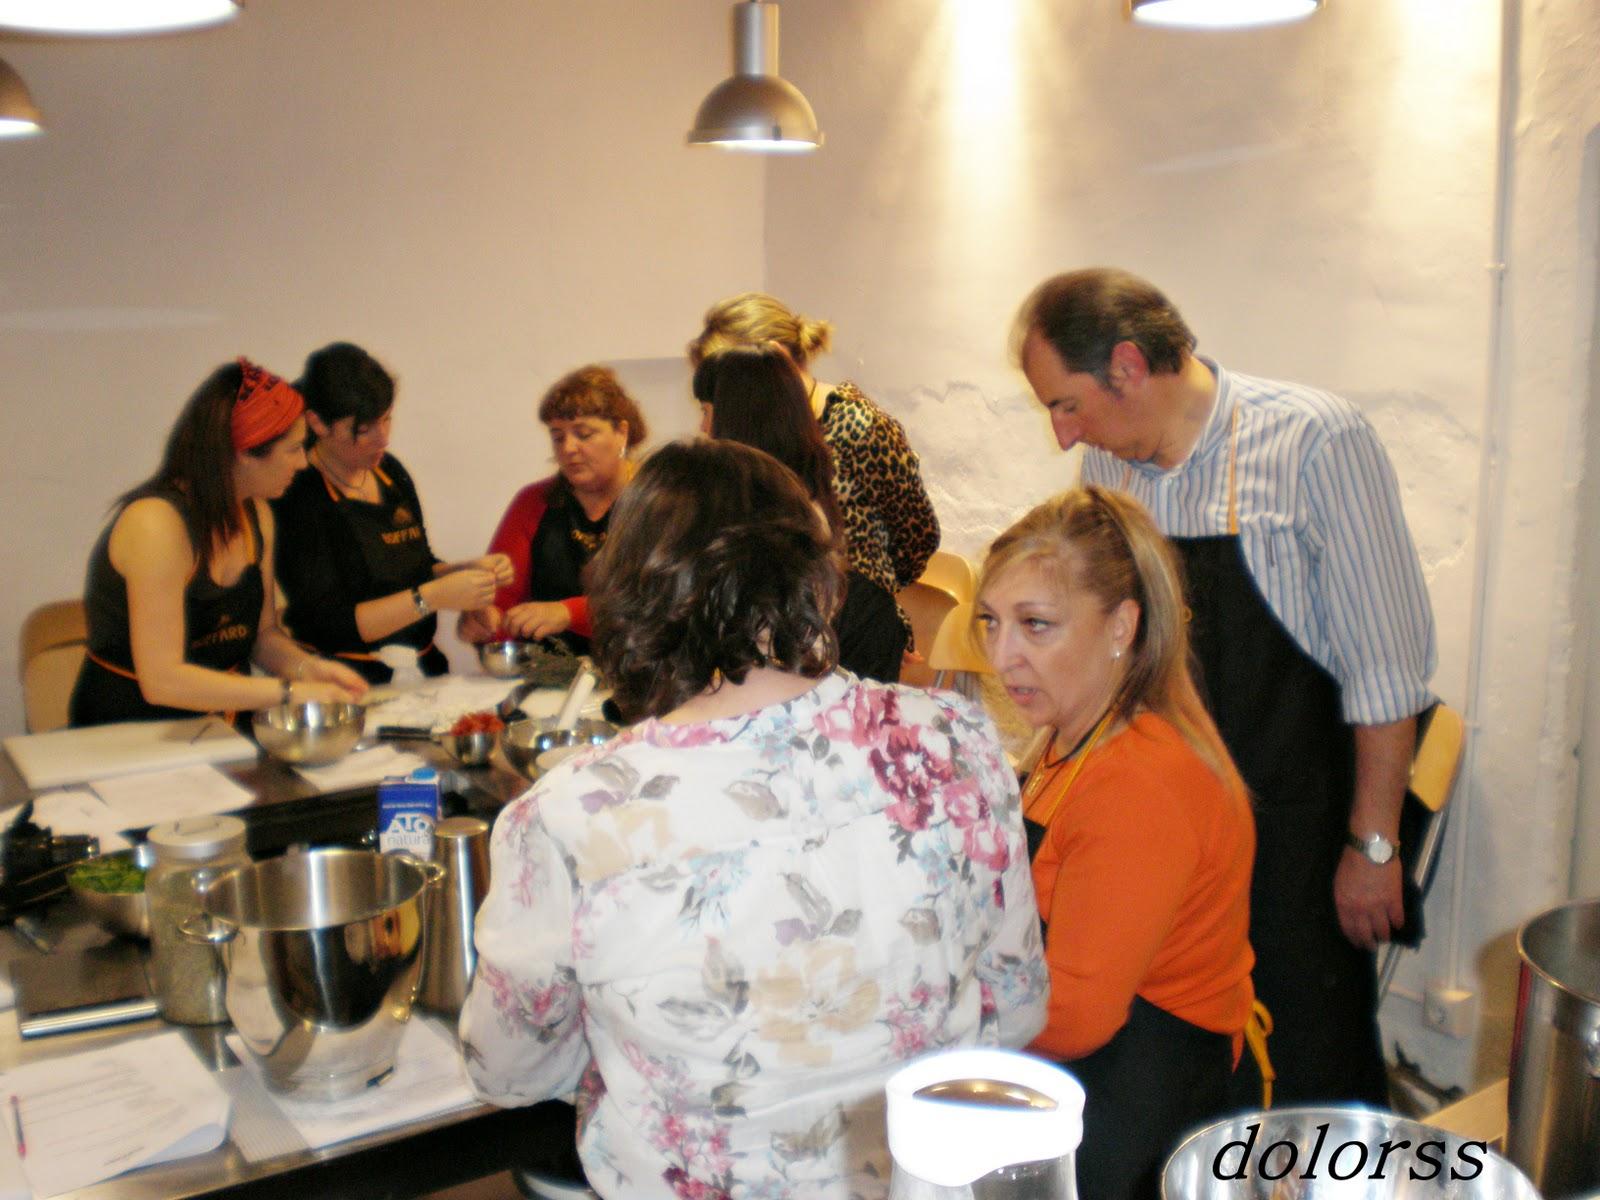 Blog de cuina de la dolorss: marzo 2011